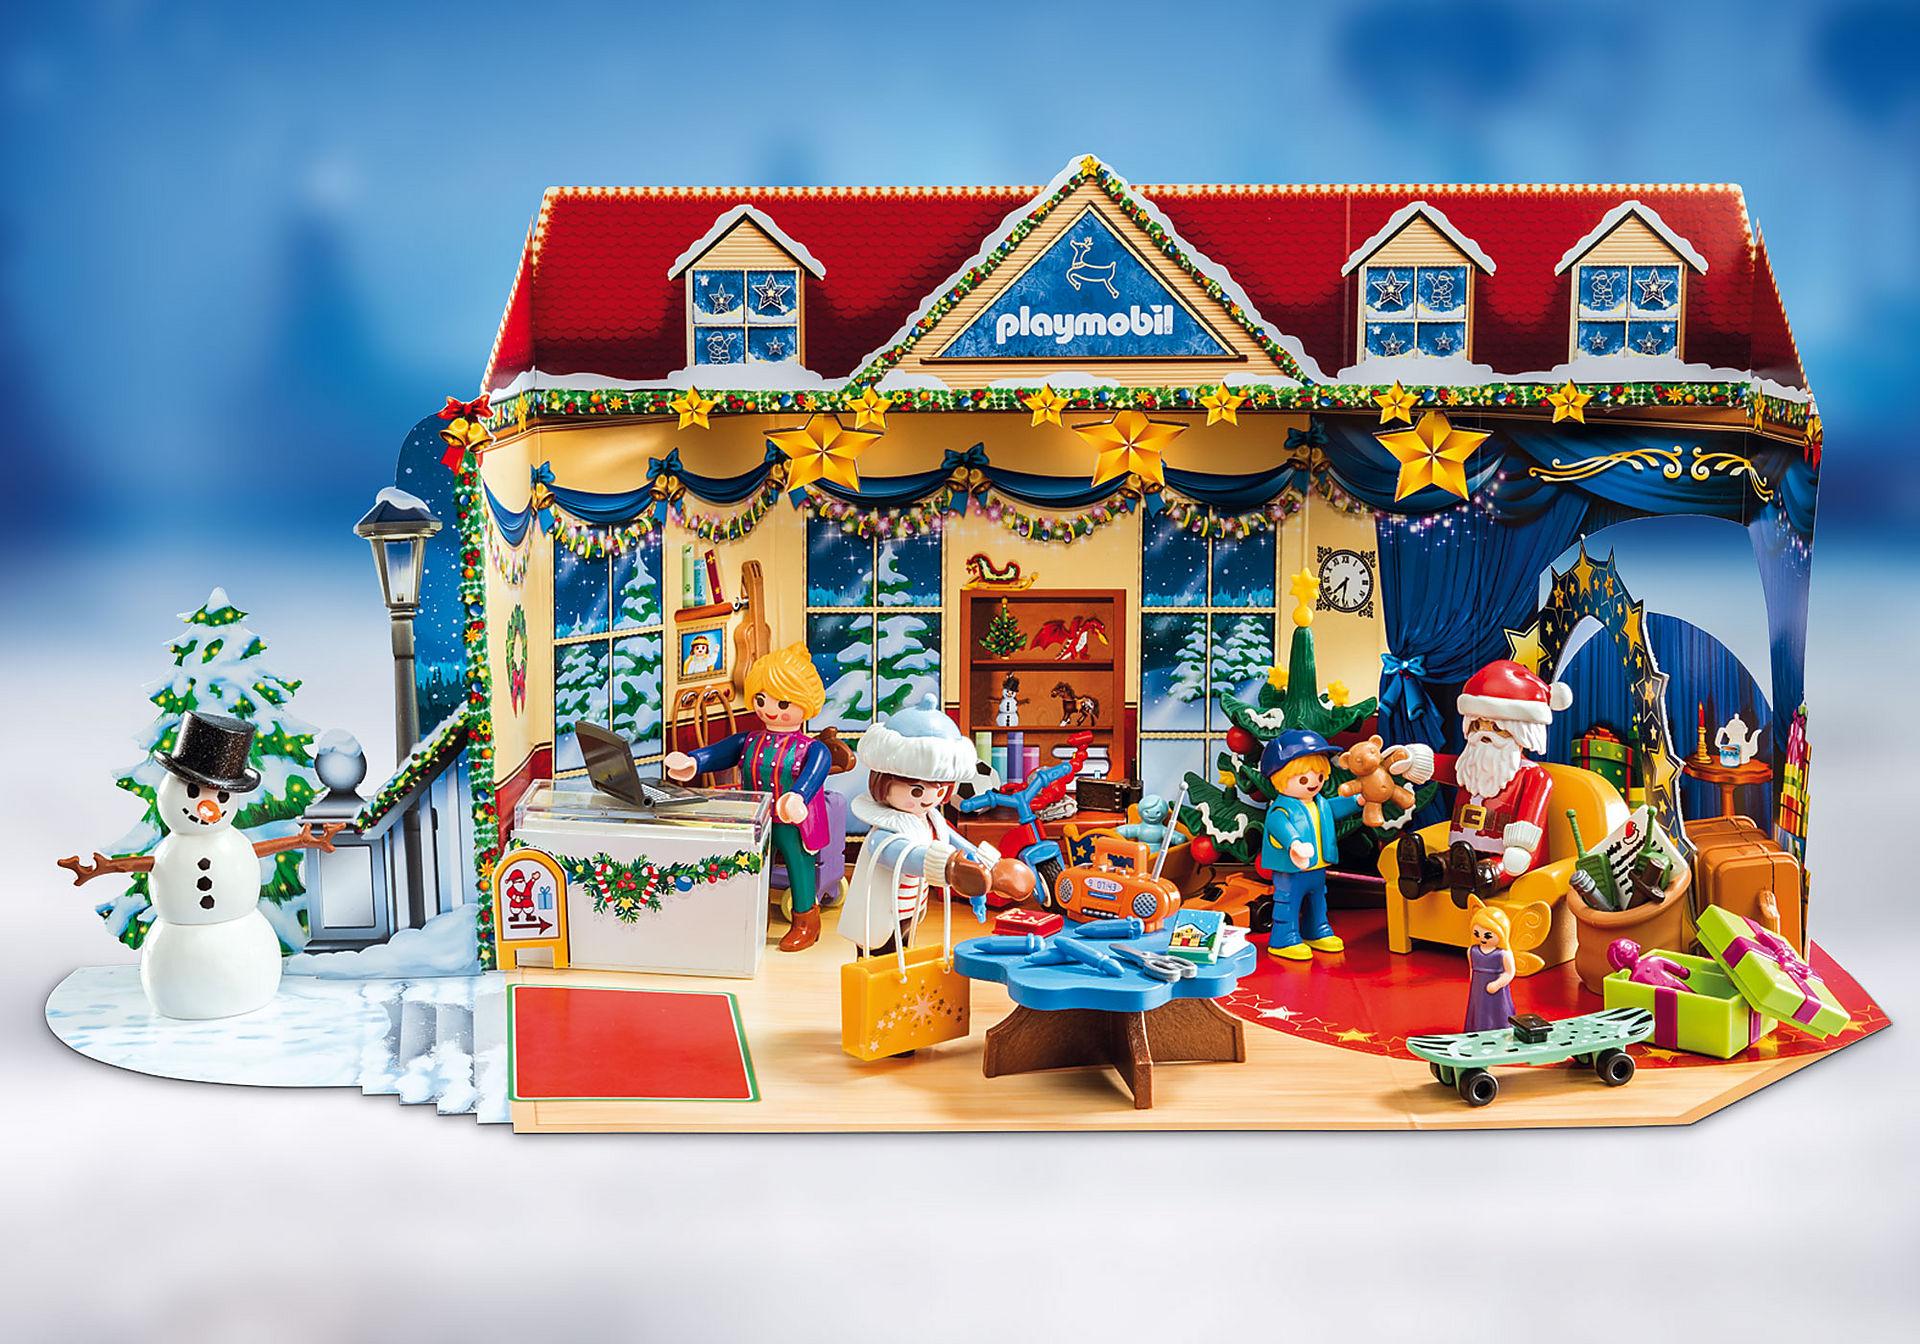 70188 Χριστουγεννιάτικο Ημερολόγιο - Κατάστημα Παιχνιδιών zoom image4